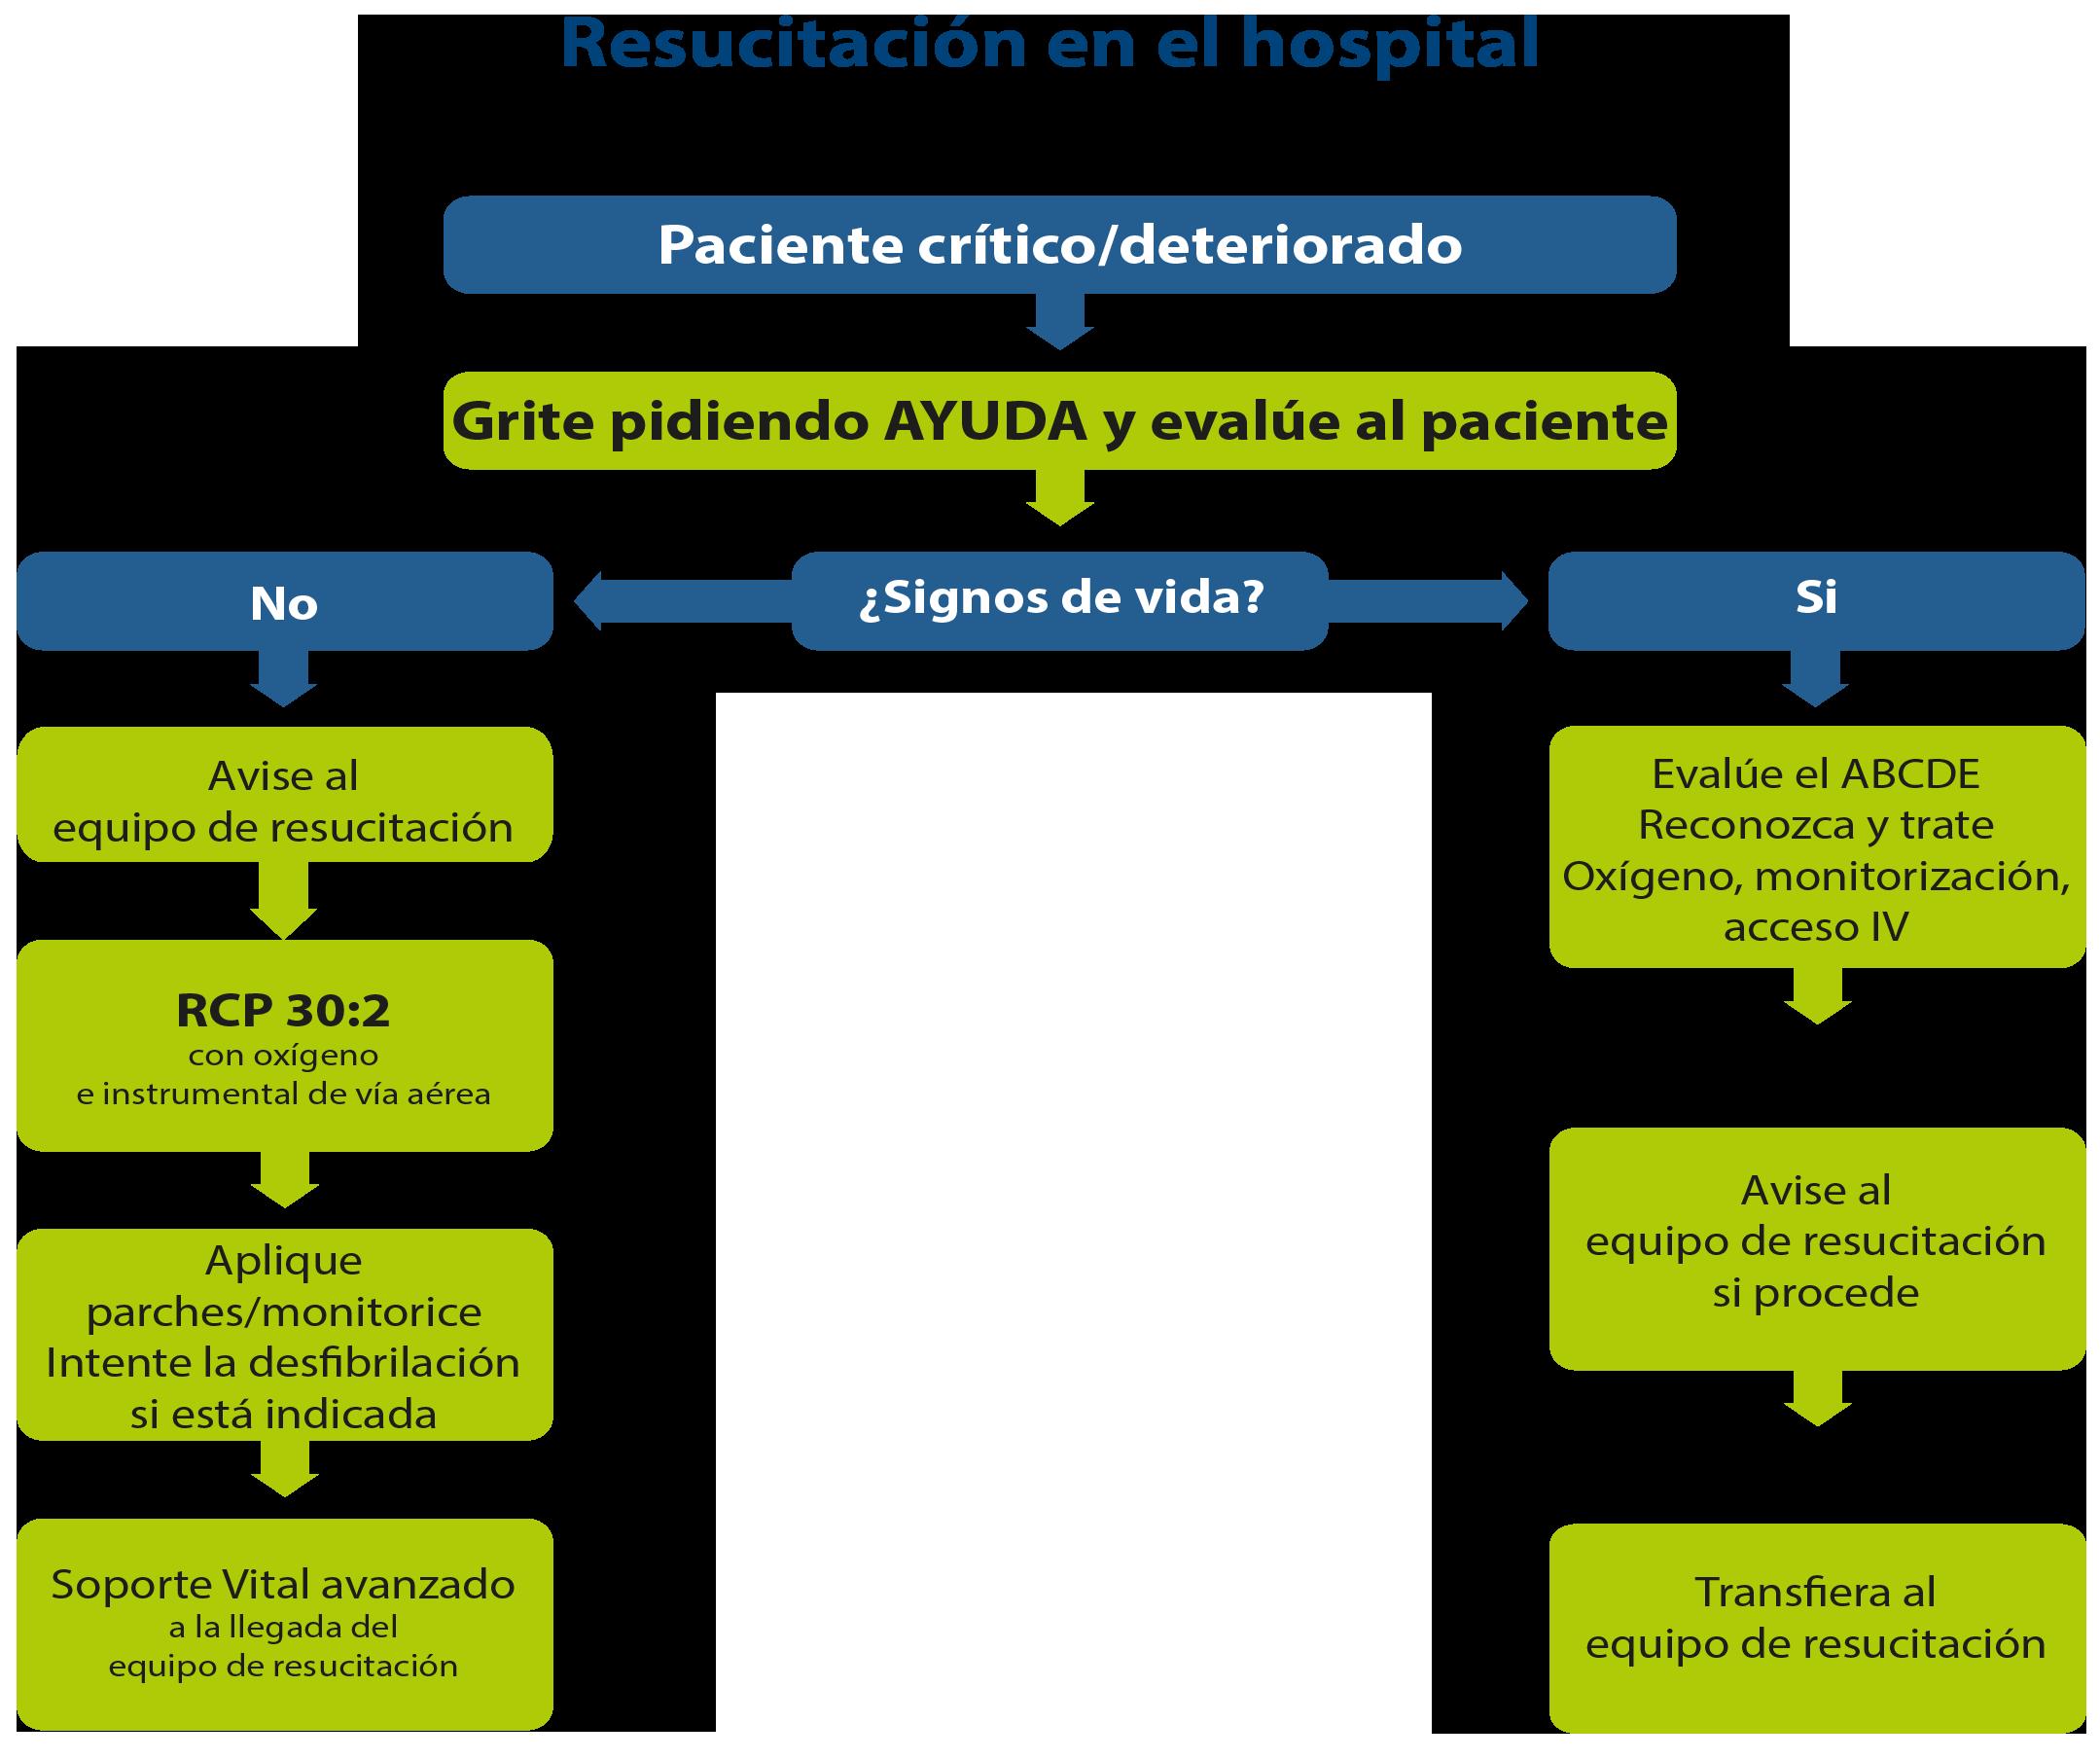 FIGURA 1 - ILCOR 2015 - resucitacion adulto en el hospital